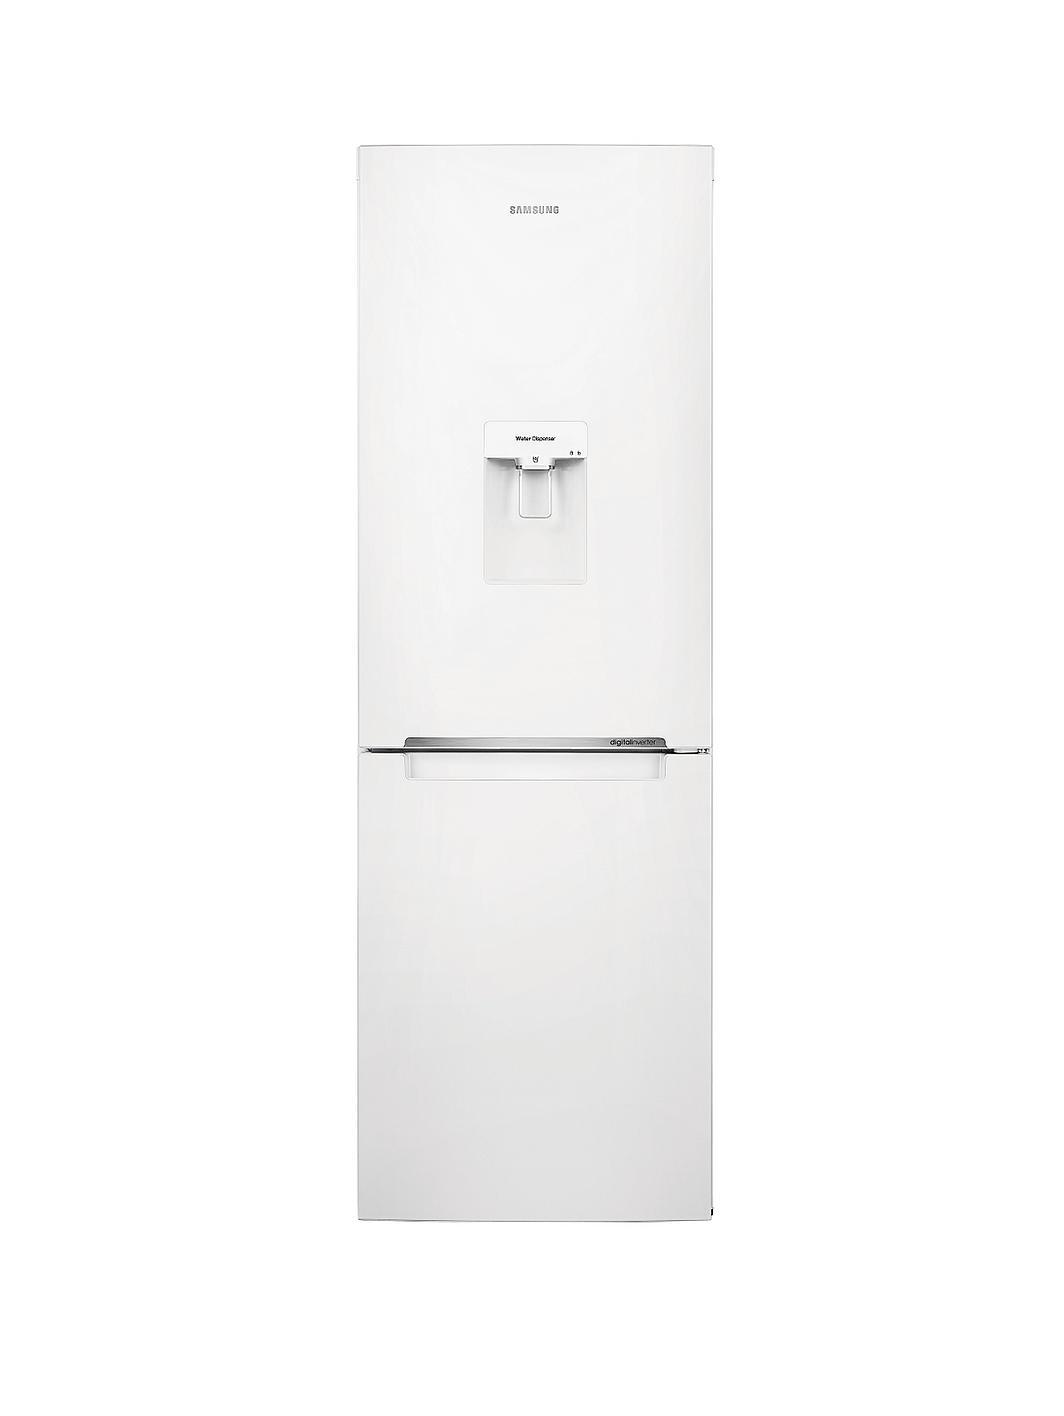 Samsung Gefrierkombination No Frost. refrigerator samsung no frost ...